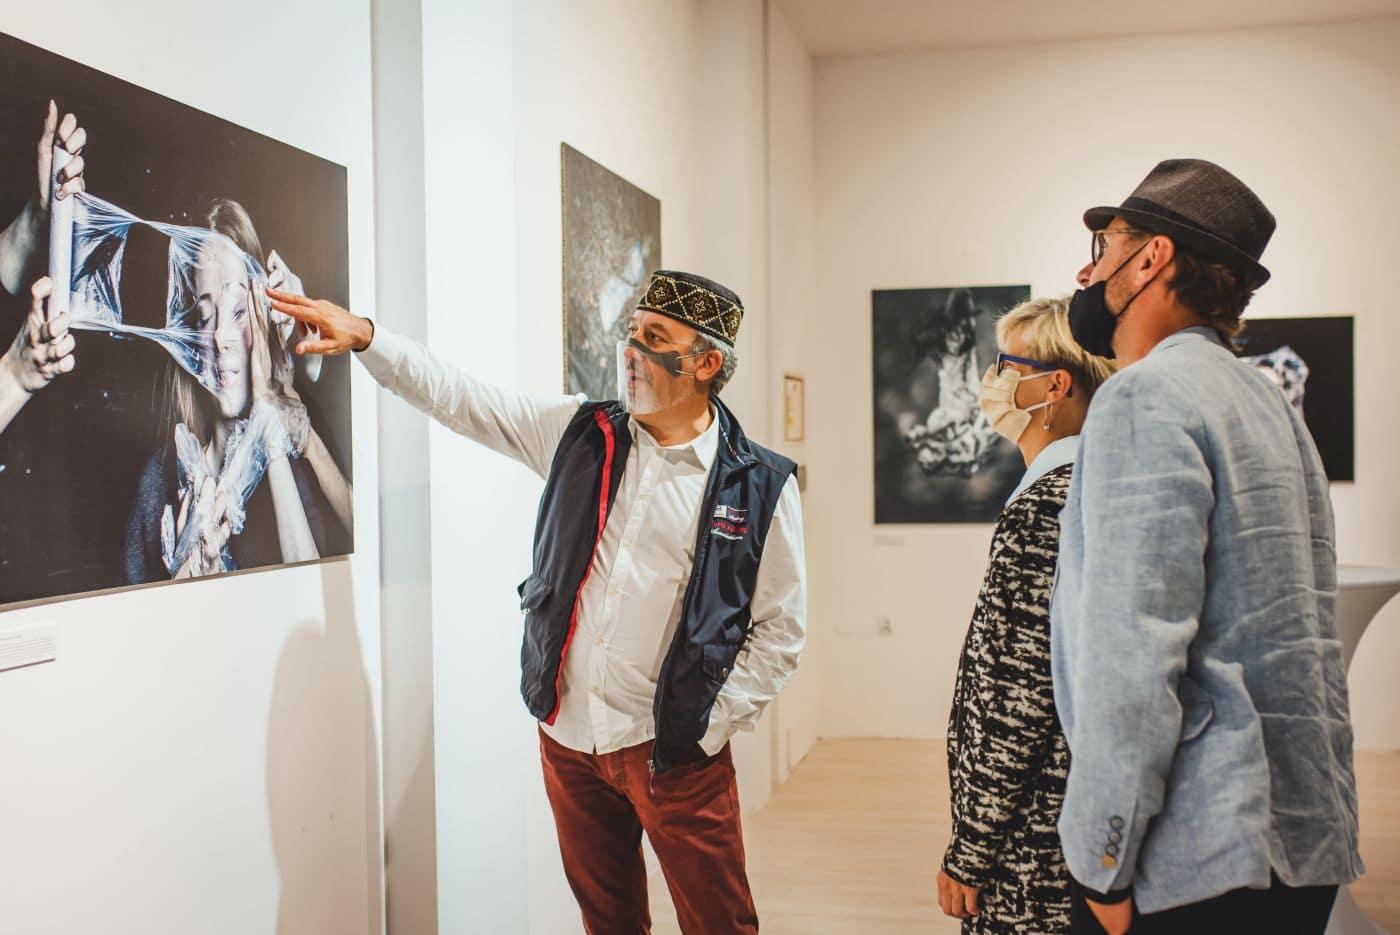 ludzie oglądający wystawę zdjęć wdomotece